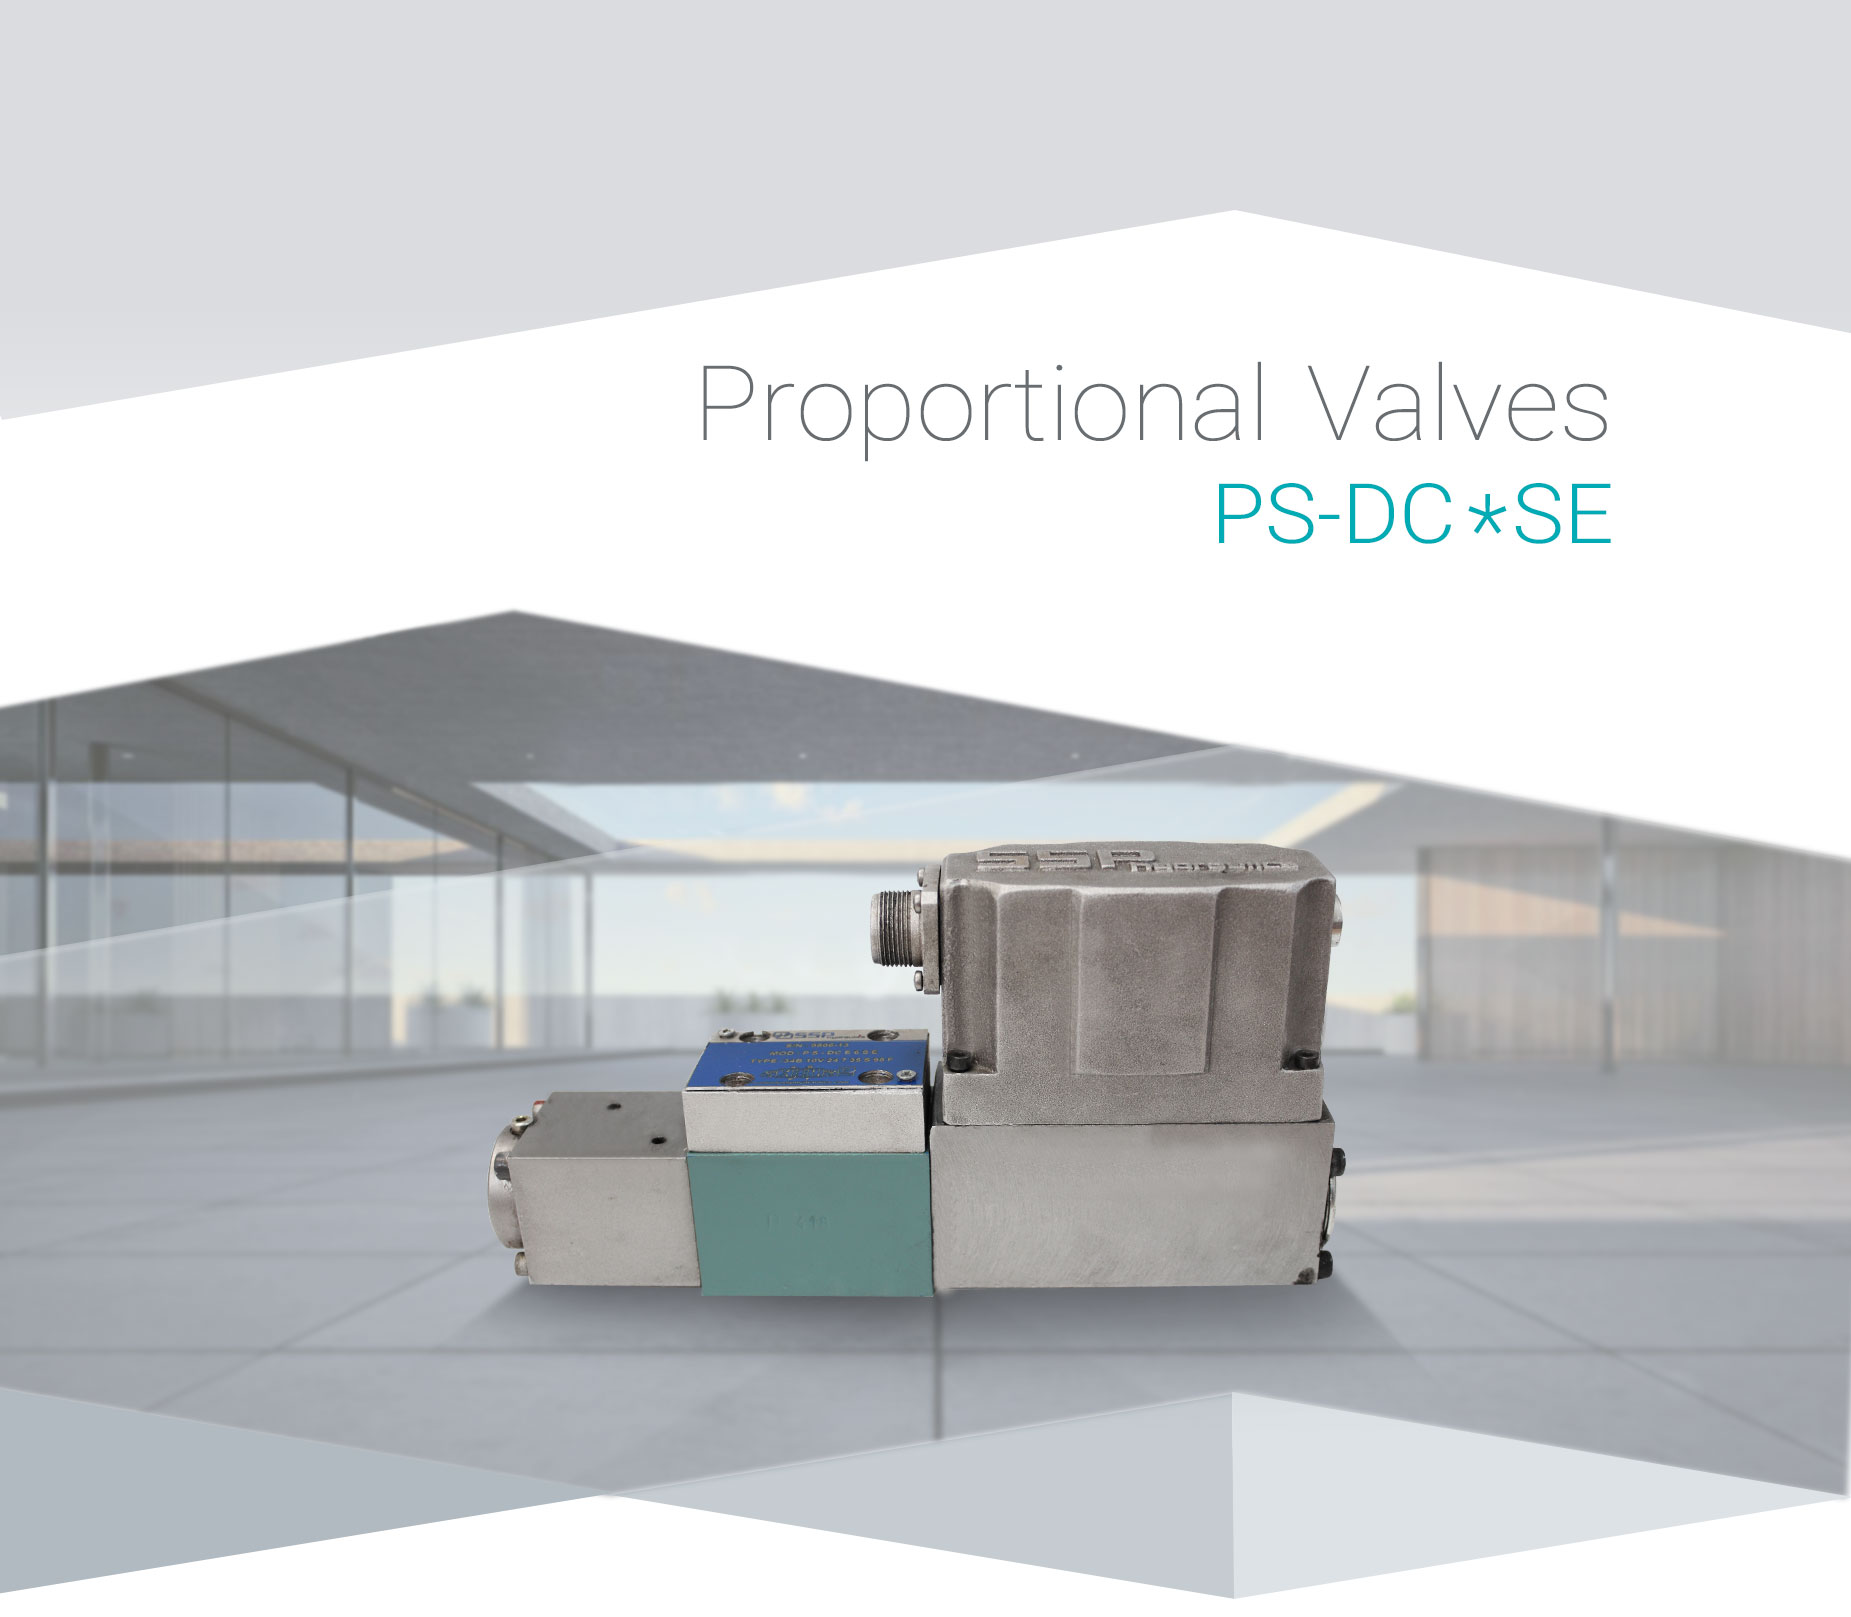 PS-DC6SE-(1)